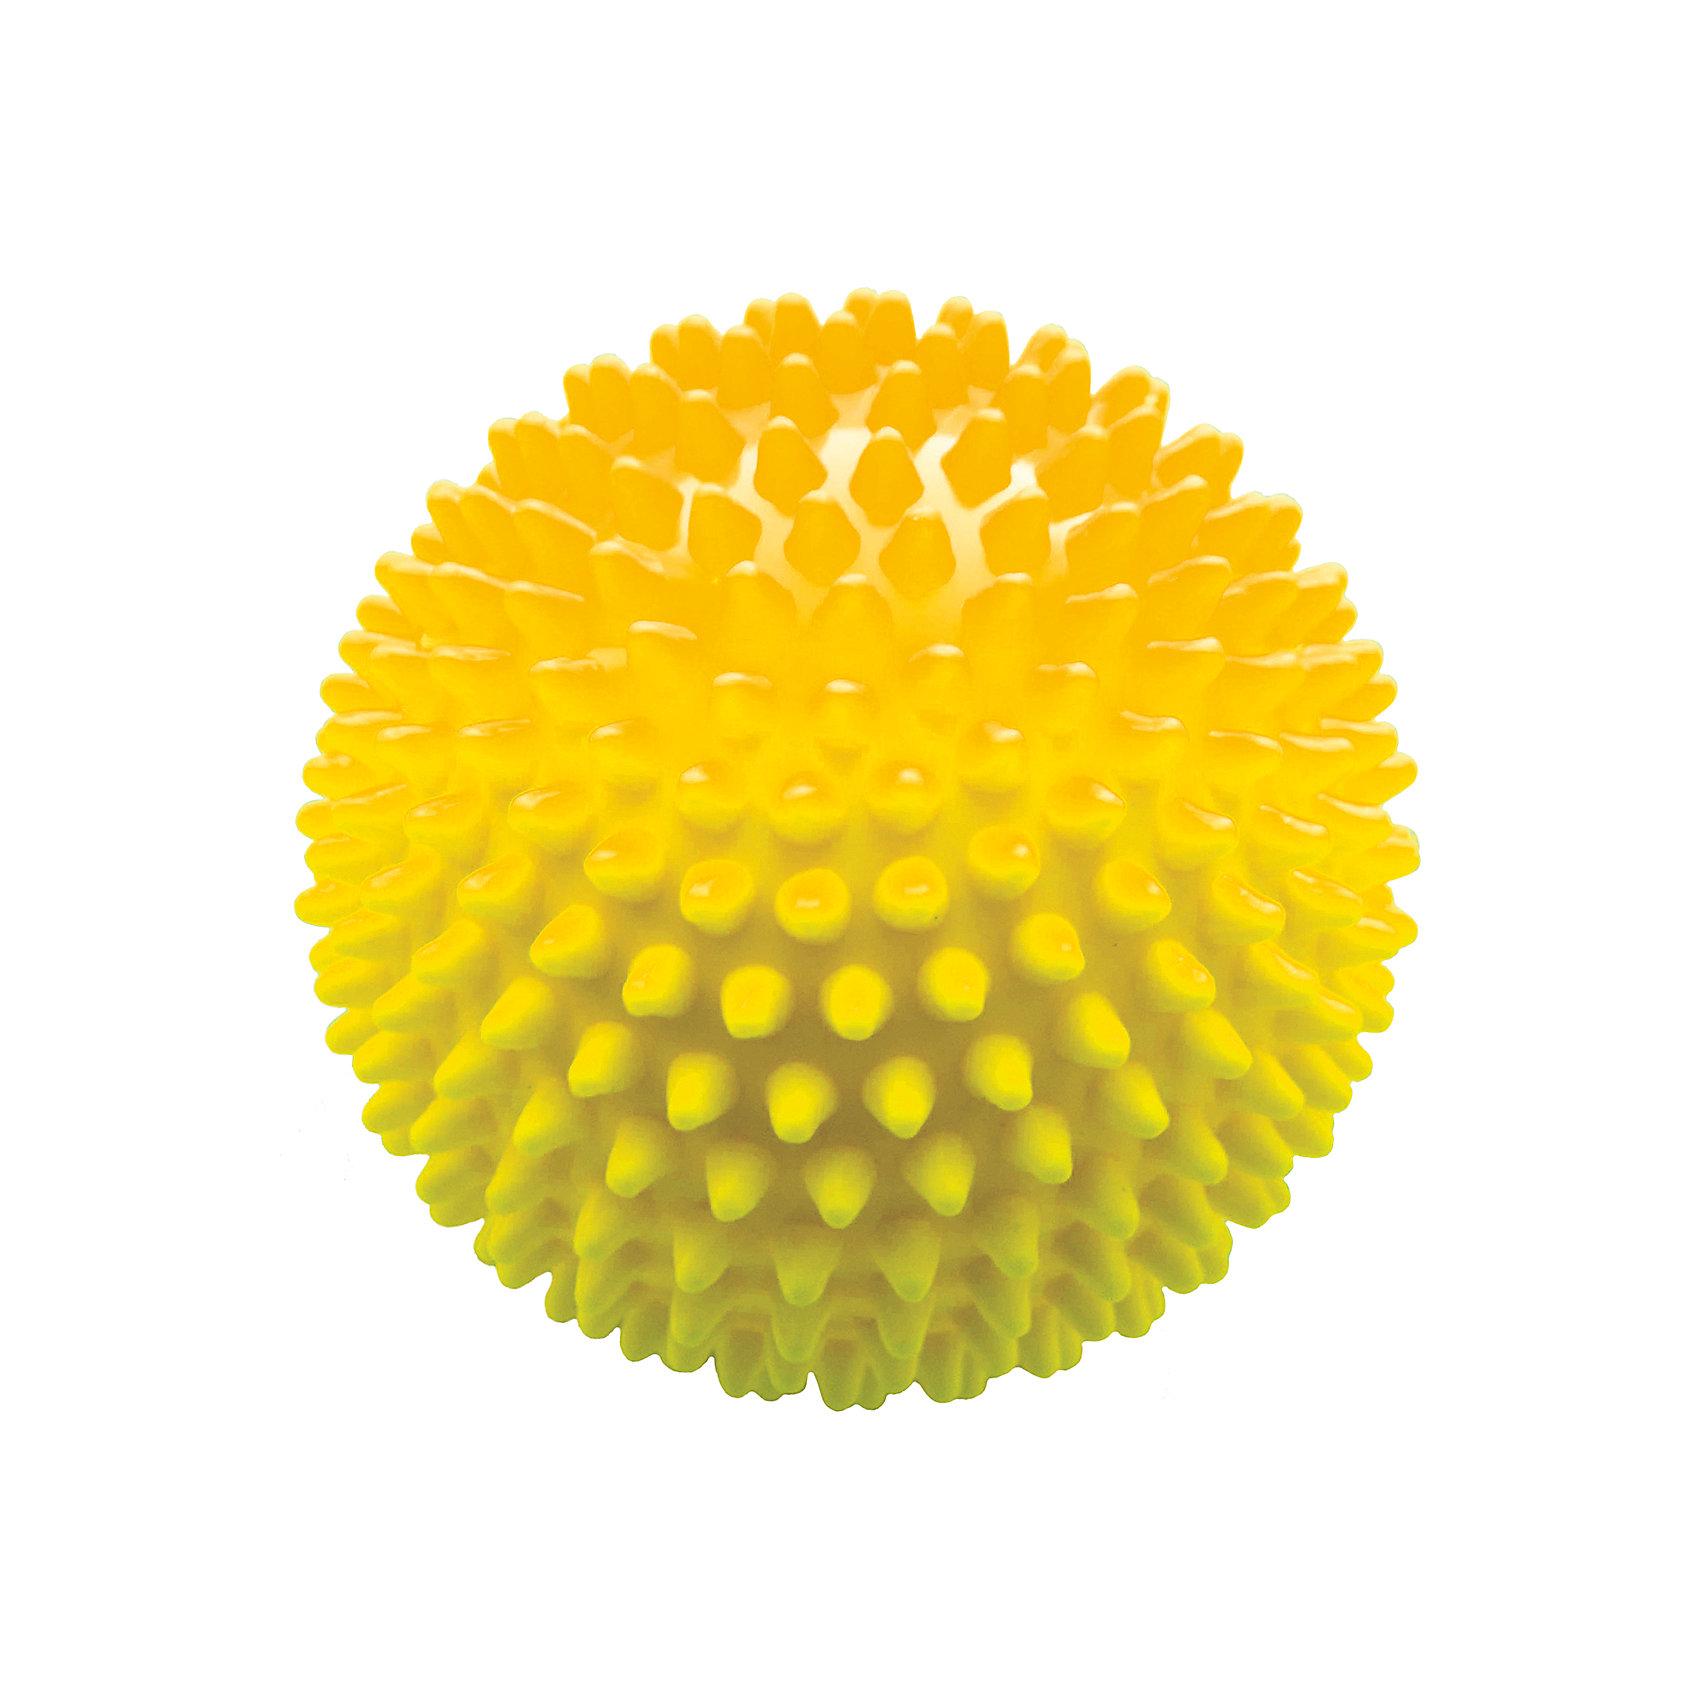 Мяч ёжик желтый, 6,5 см, МалышОКМячи детские<br><br><br>Ширина мм: 70<br>Глубина мм: 70<br>Высота мм: 70<br>Вес г: 30<br>Возраст от месяцев: 6<br>Возраст до месяцев: 2147483647<br>Пол: Унисекс<br>Возраст: Детский<br>SKU: 6894010